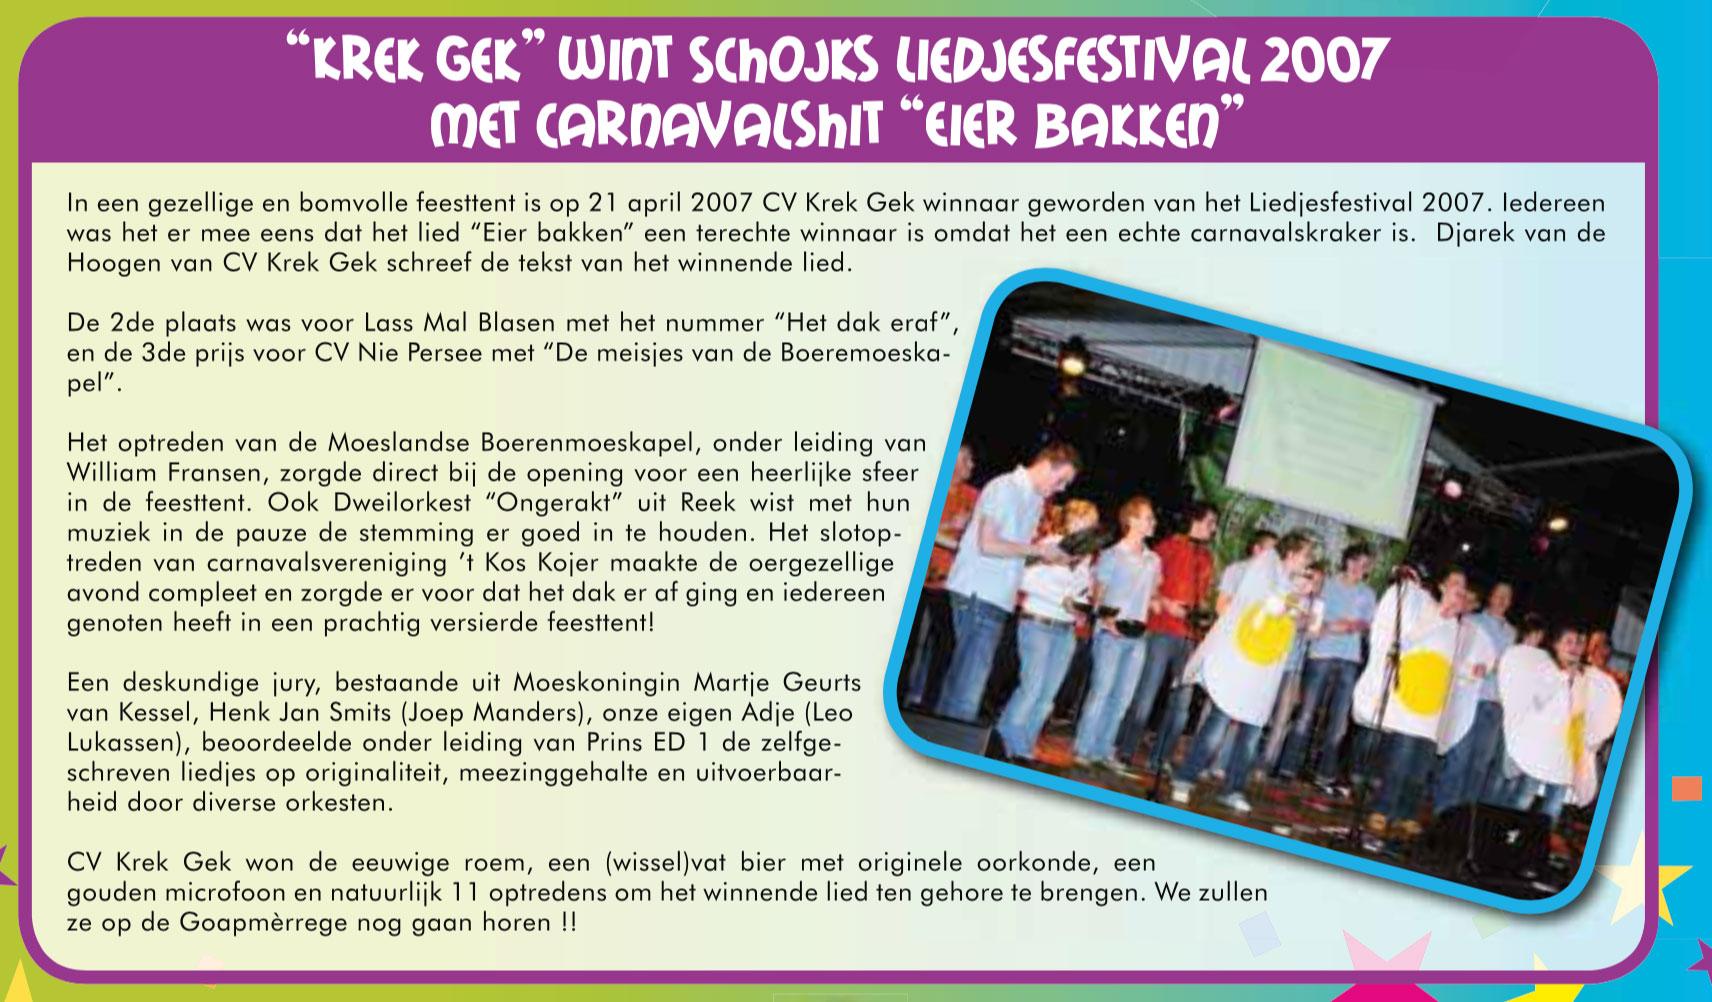 Stukje uit de carnavalskrant van Krek Gek - 2008